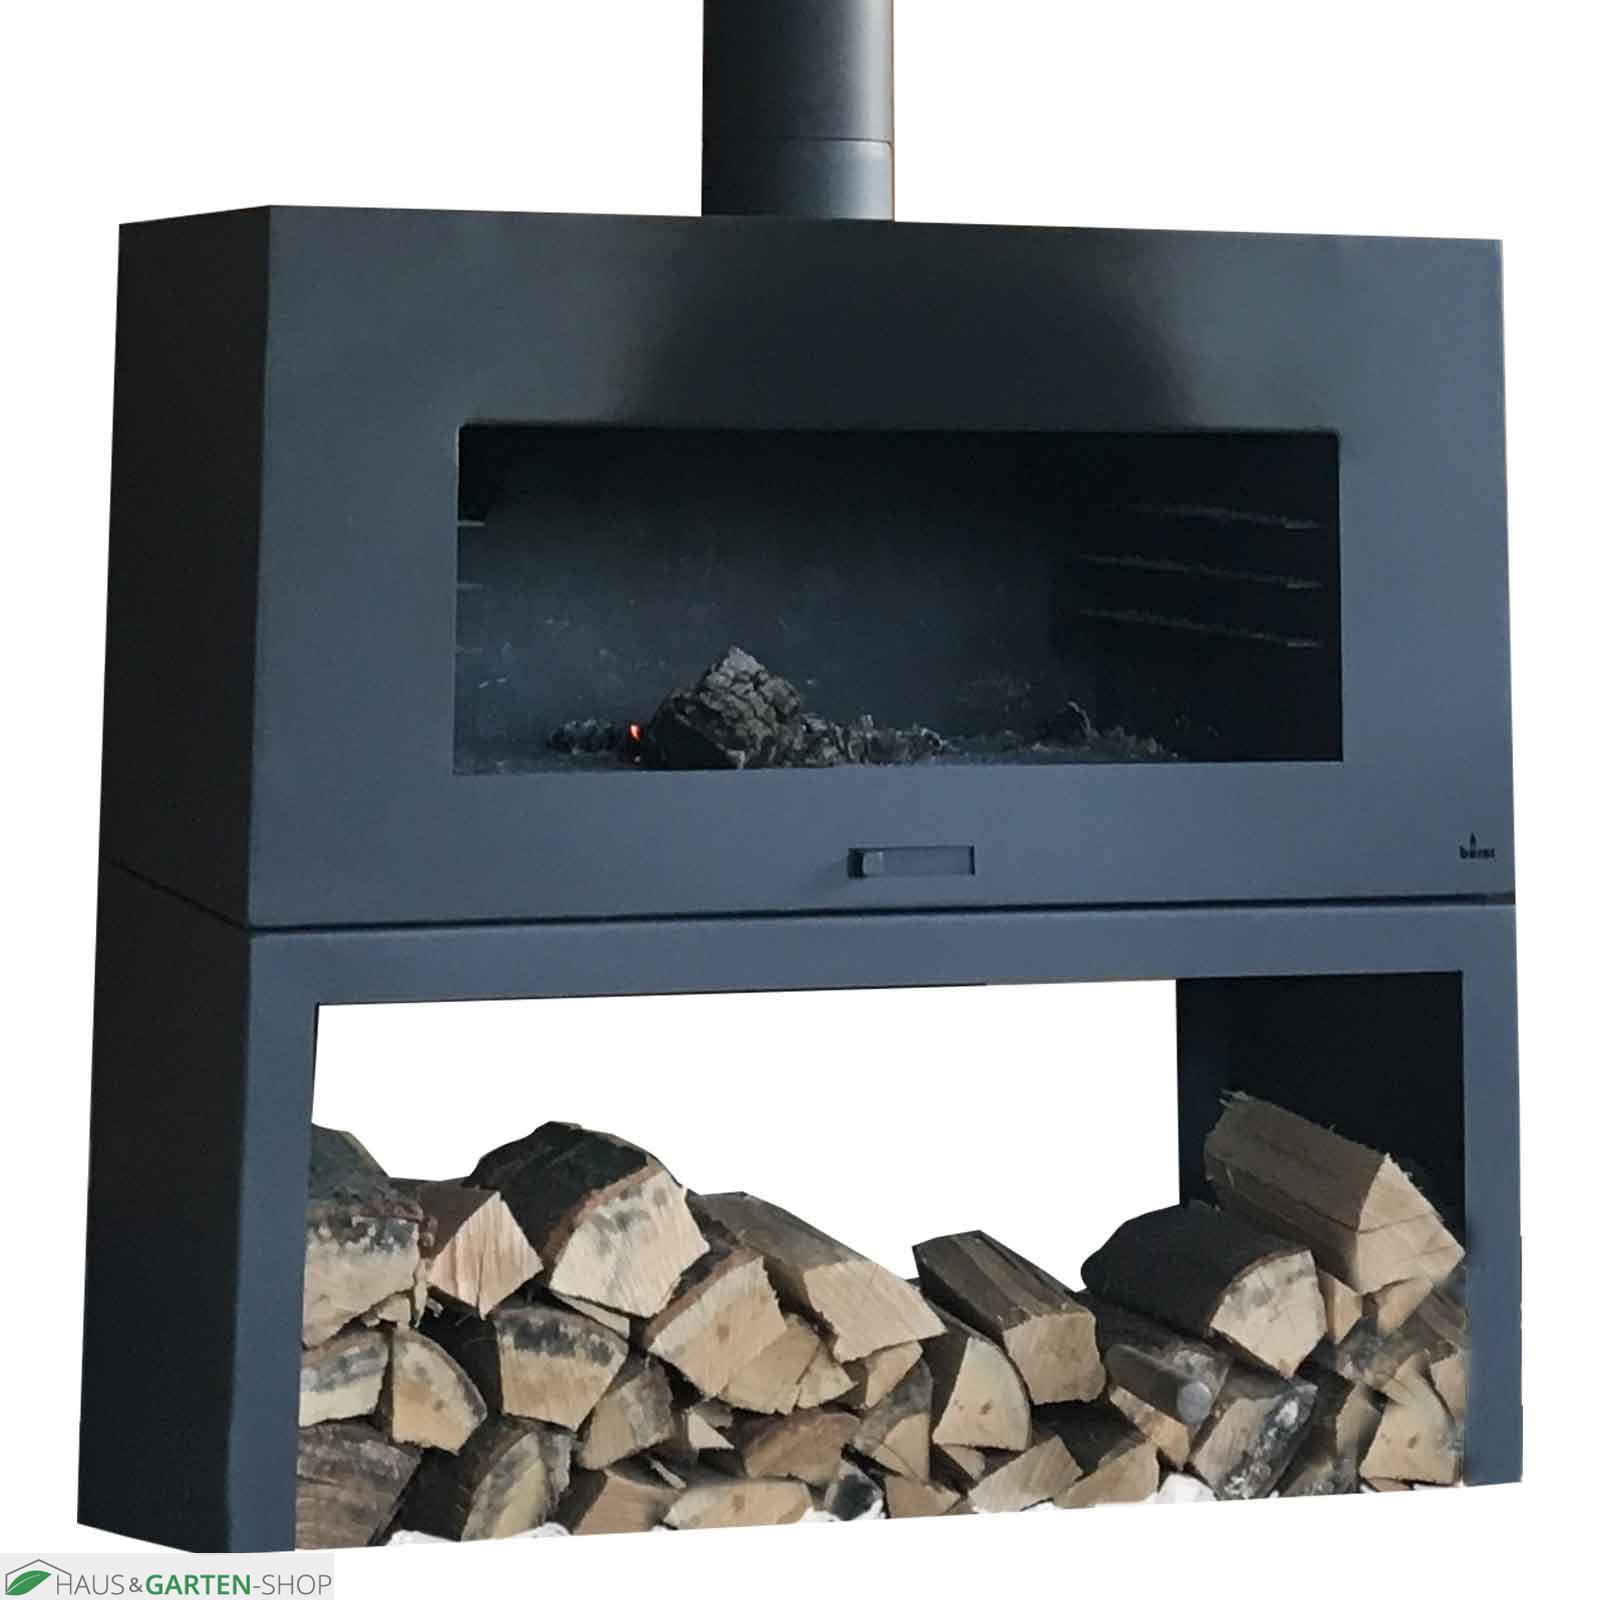 garten grillkamin odin cortenstahl feuerstelle schwarz. Black Bedroom Furniture Sets. Home Design Ideas